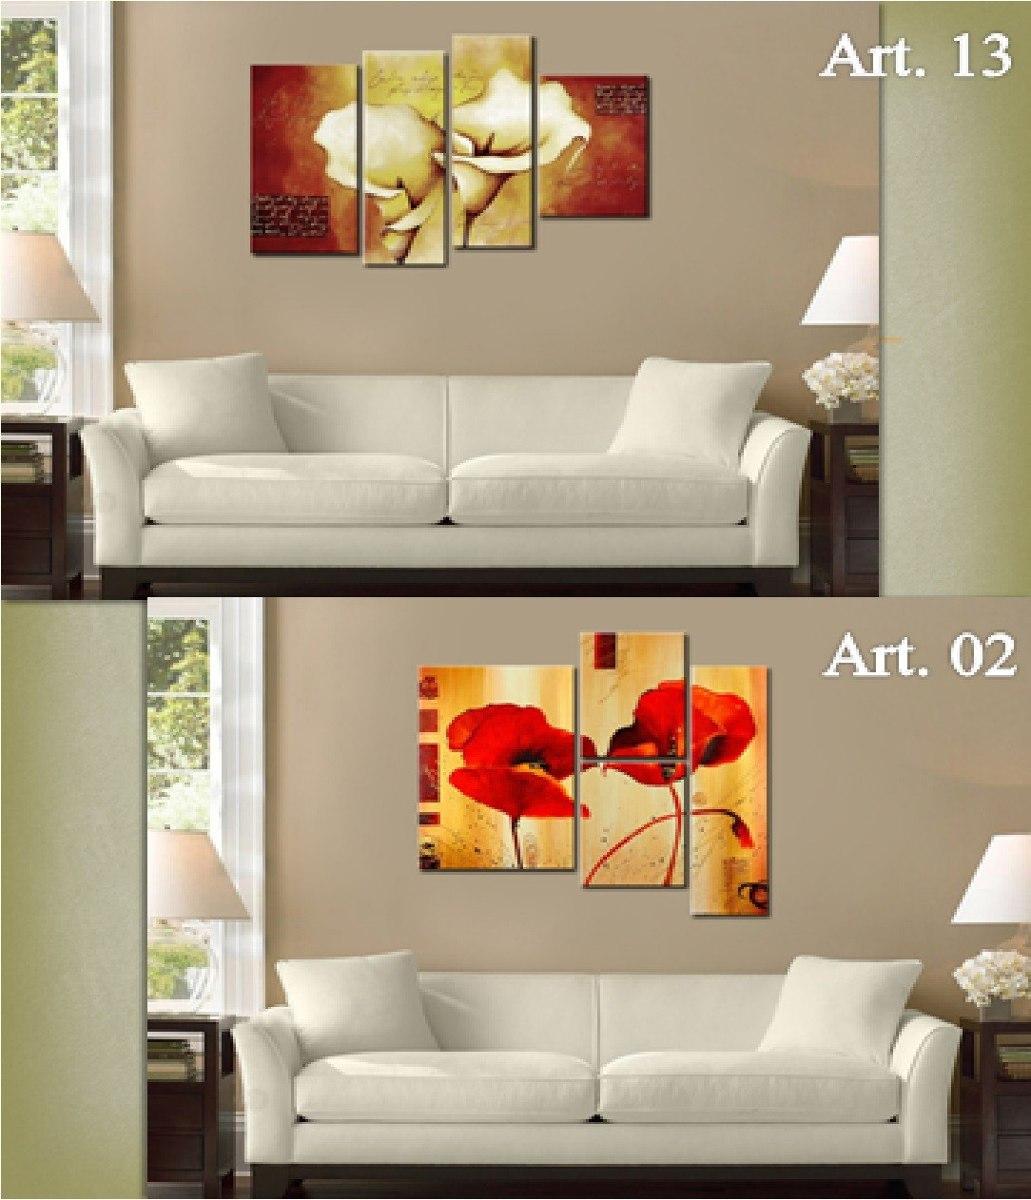 Cuadros Tr Pticos Abstractos Florales Texturados 990 00 En  # Muebles Texturados